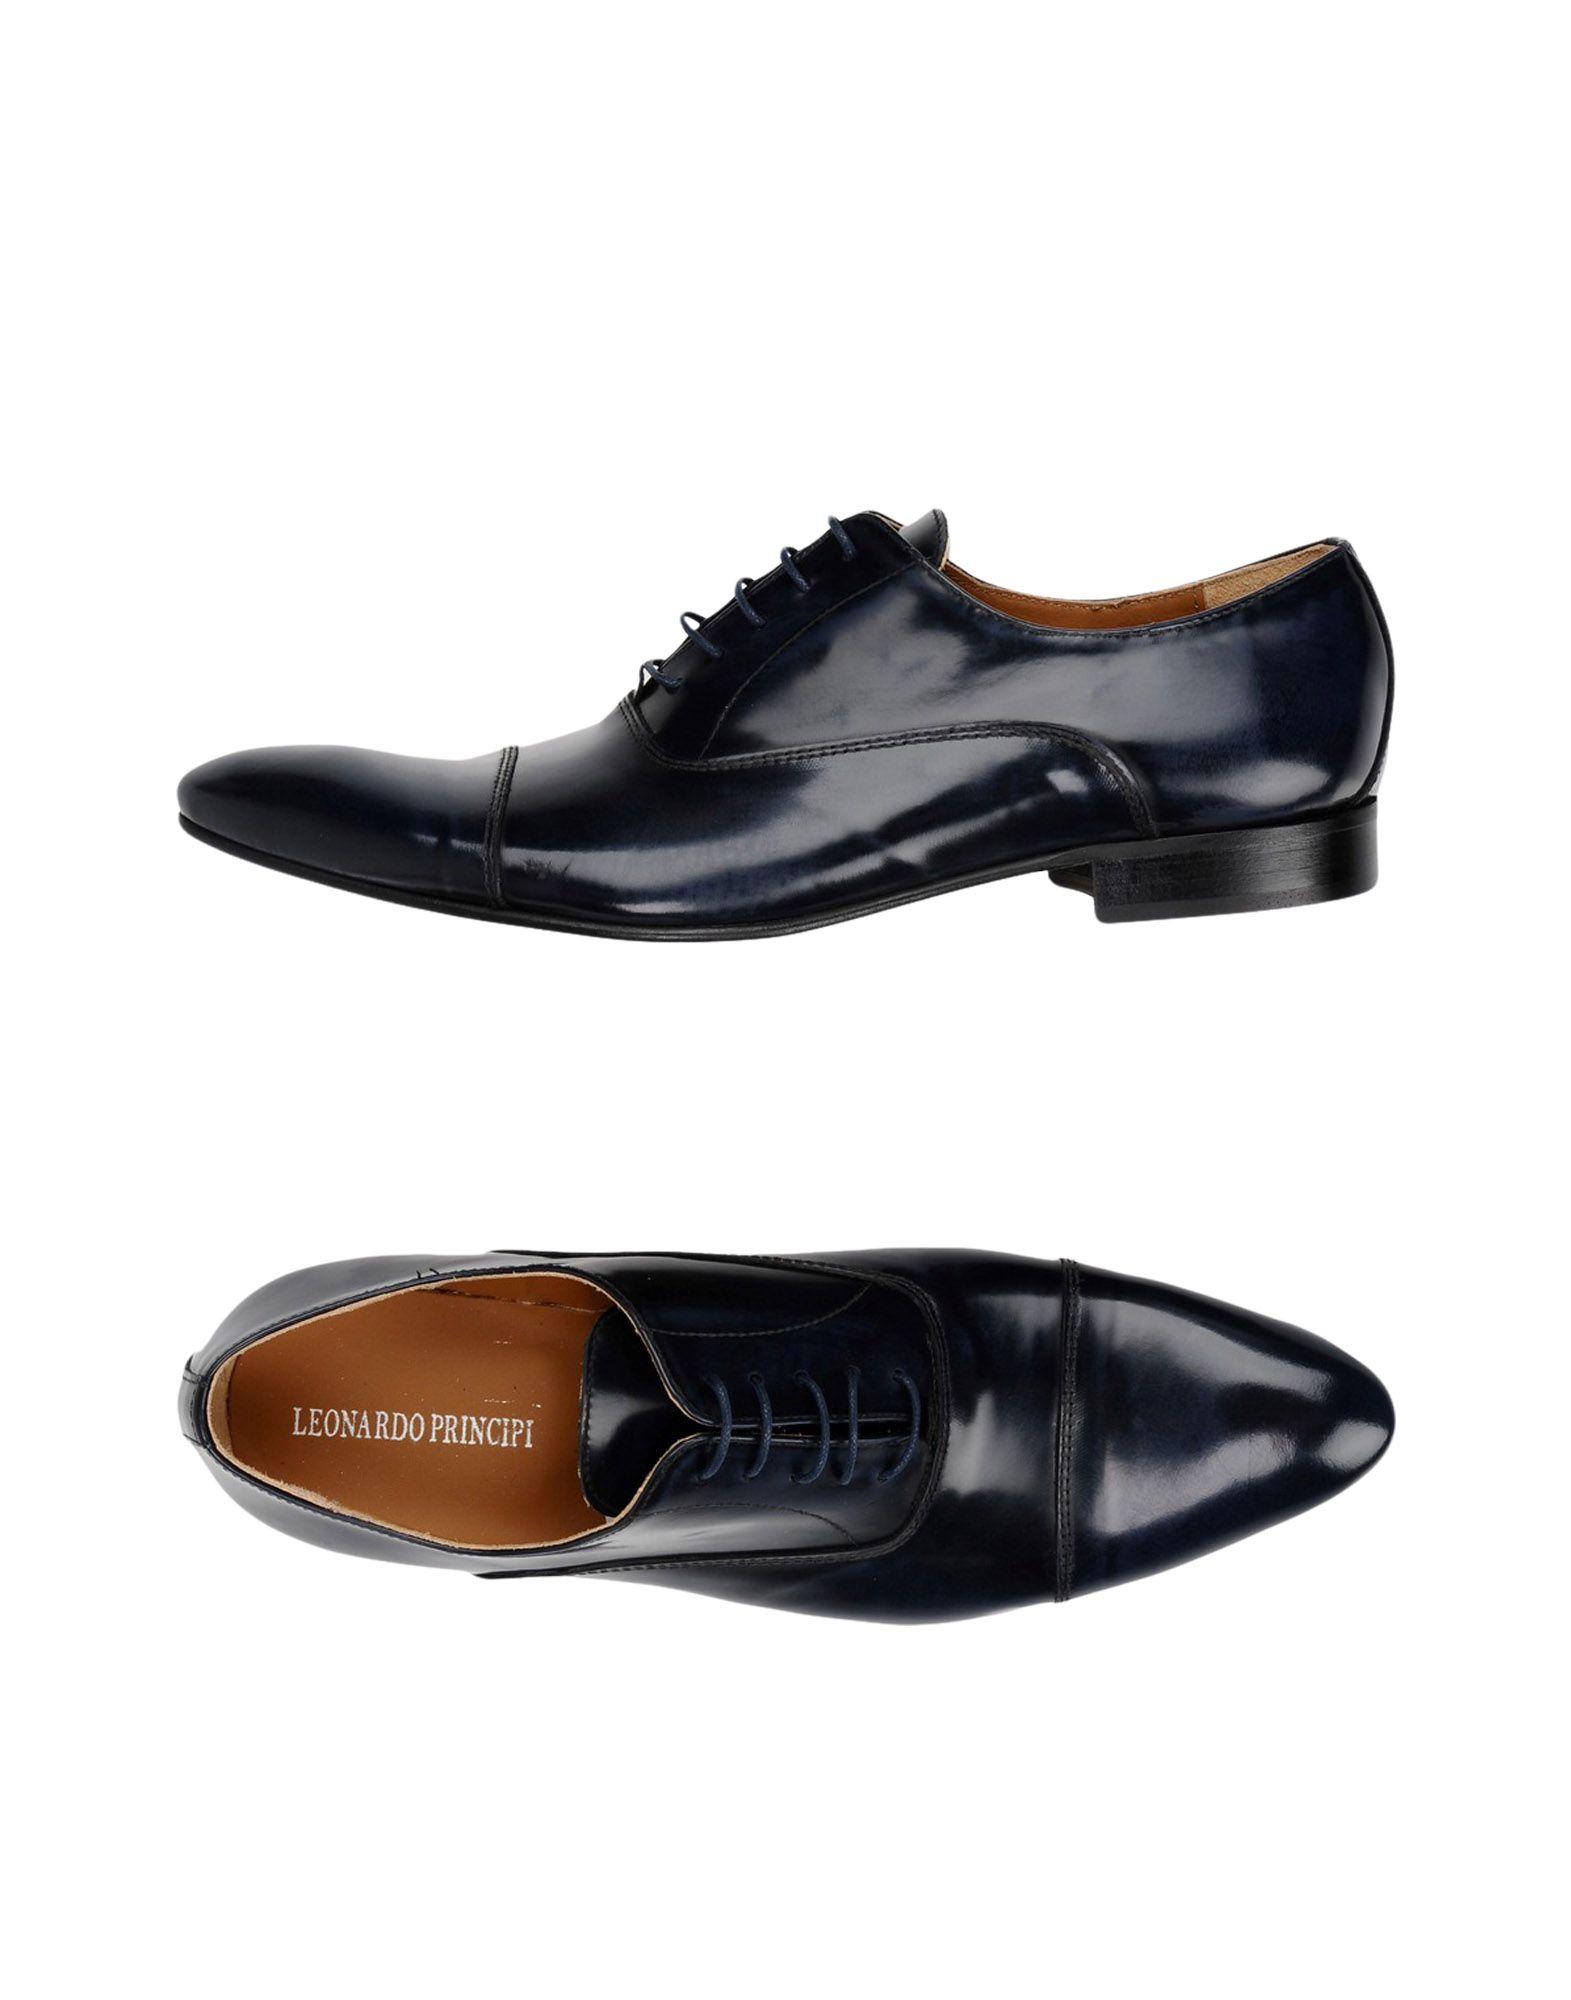 Rabatt echte echte Rabatt Schuhe Leonardo Principi Schnürschuhe Herren  11422207OP 906e89